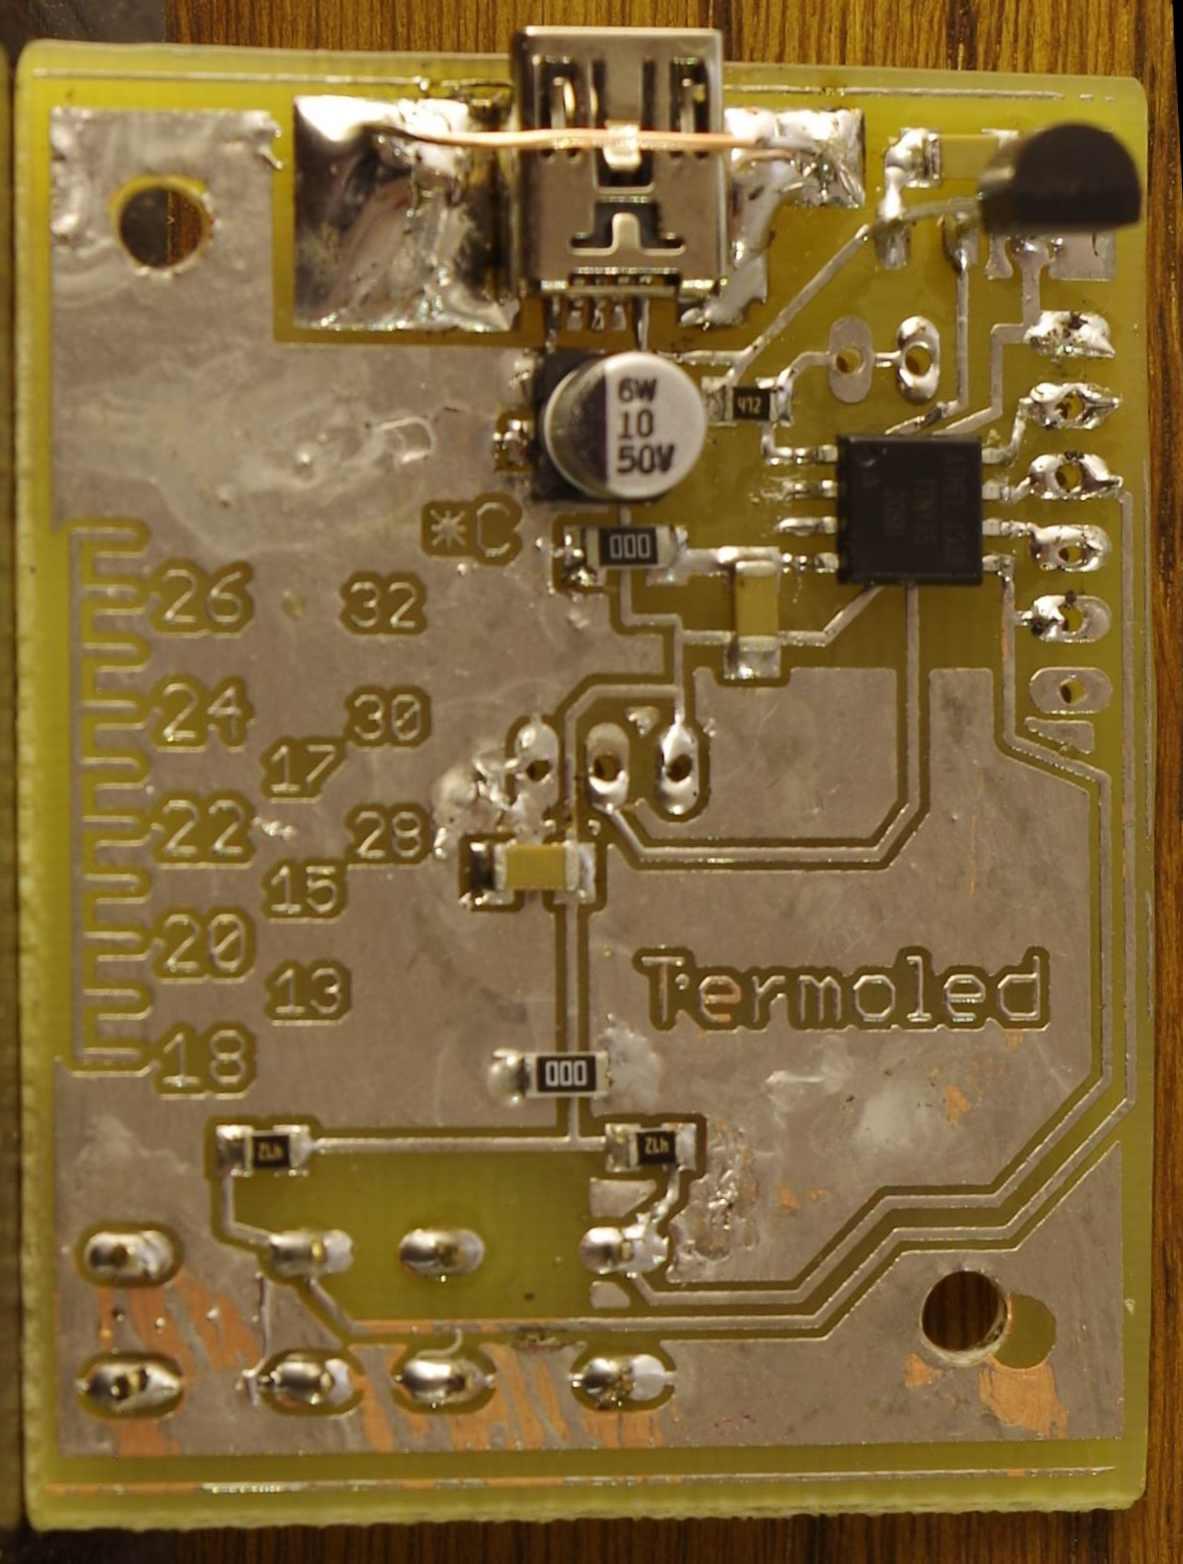 Termometr PCB